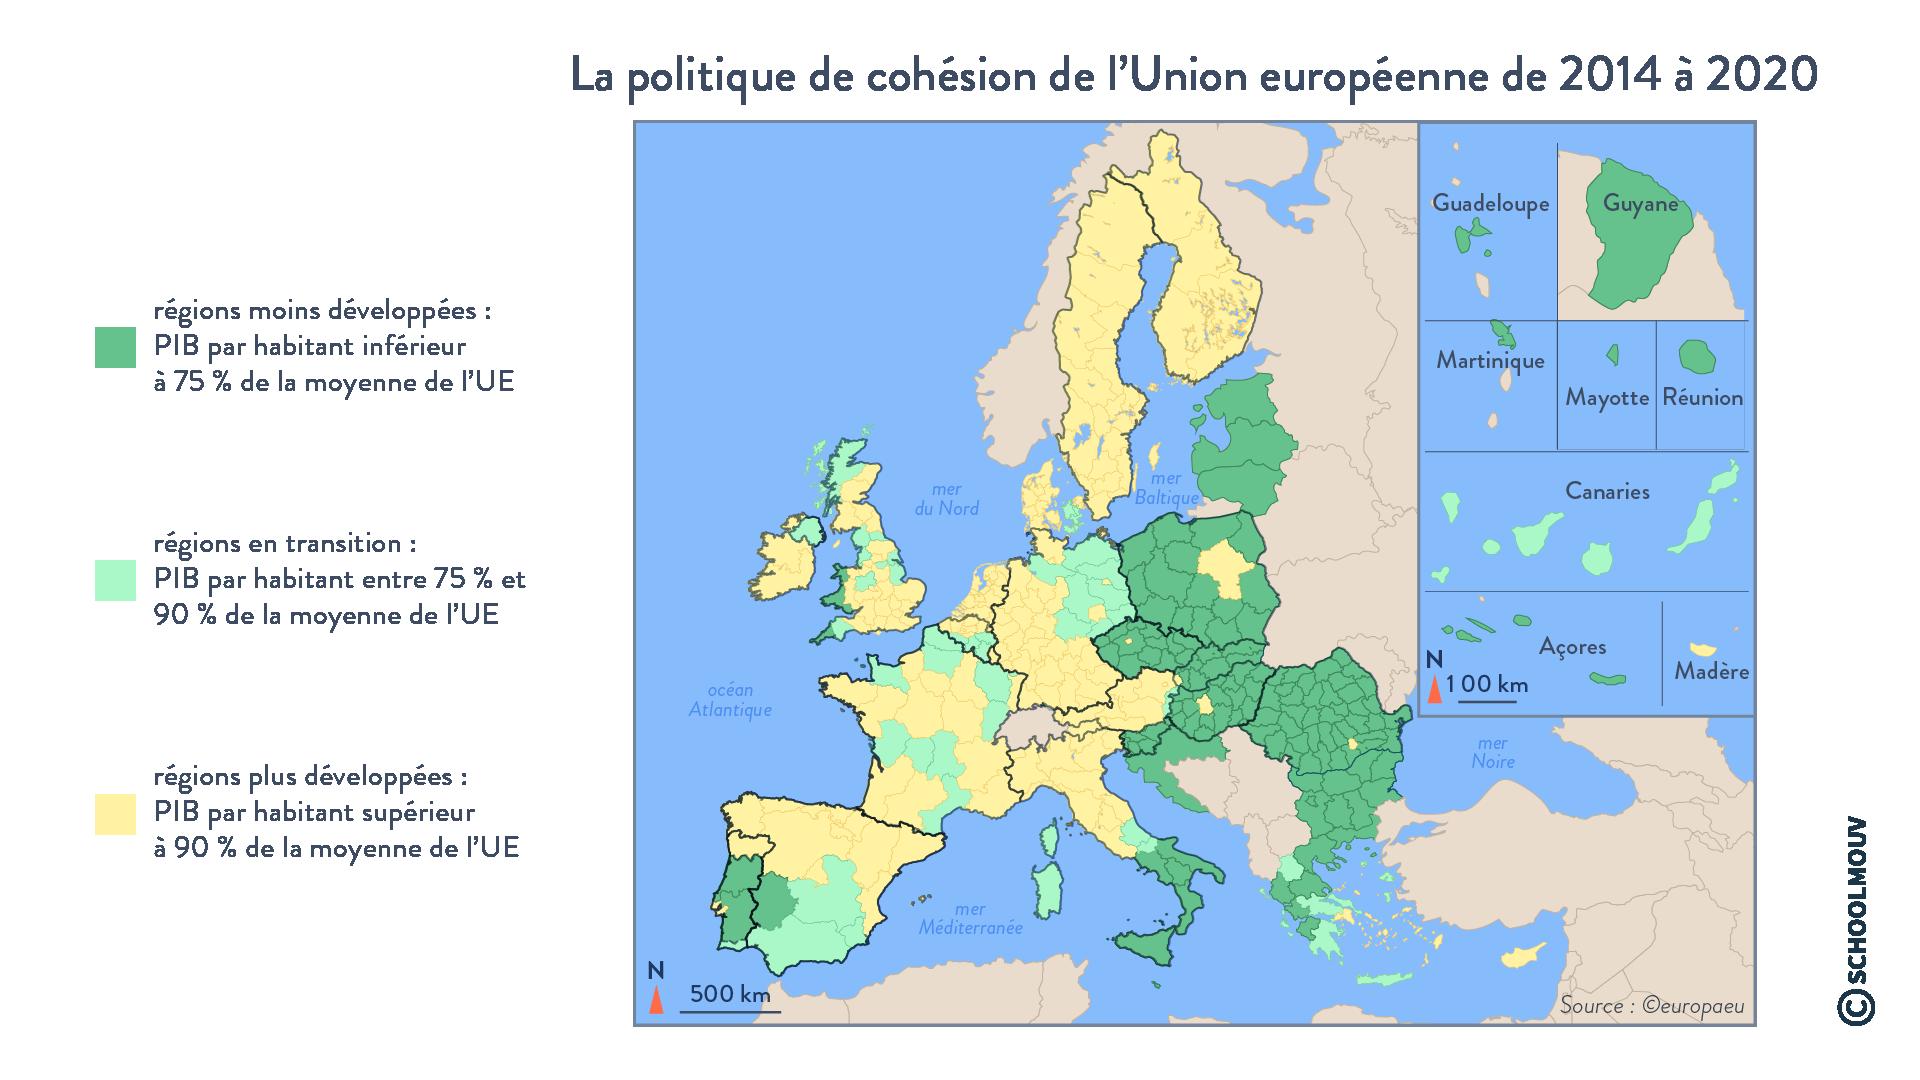 La politique de cohésion de l'Union européenne de 2014 à 2020 - Géographie - Terminale - SchoolMouv